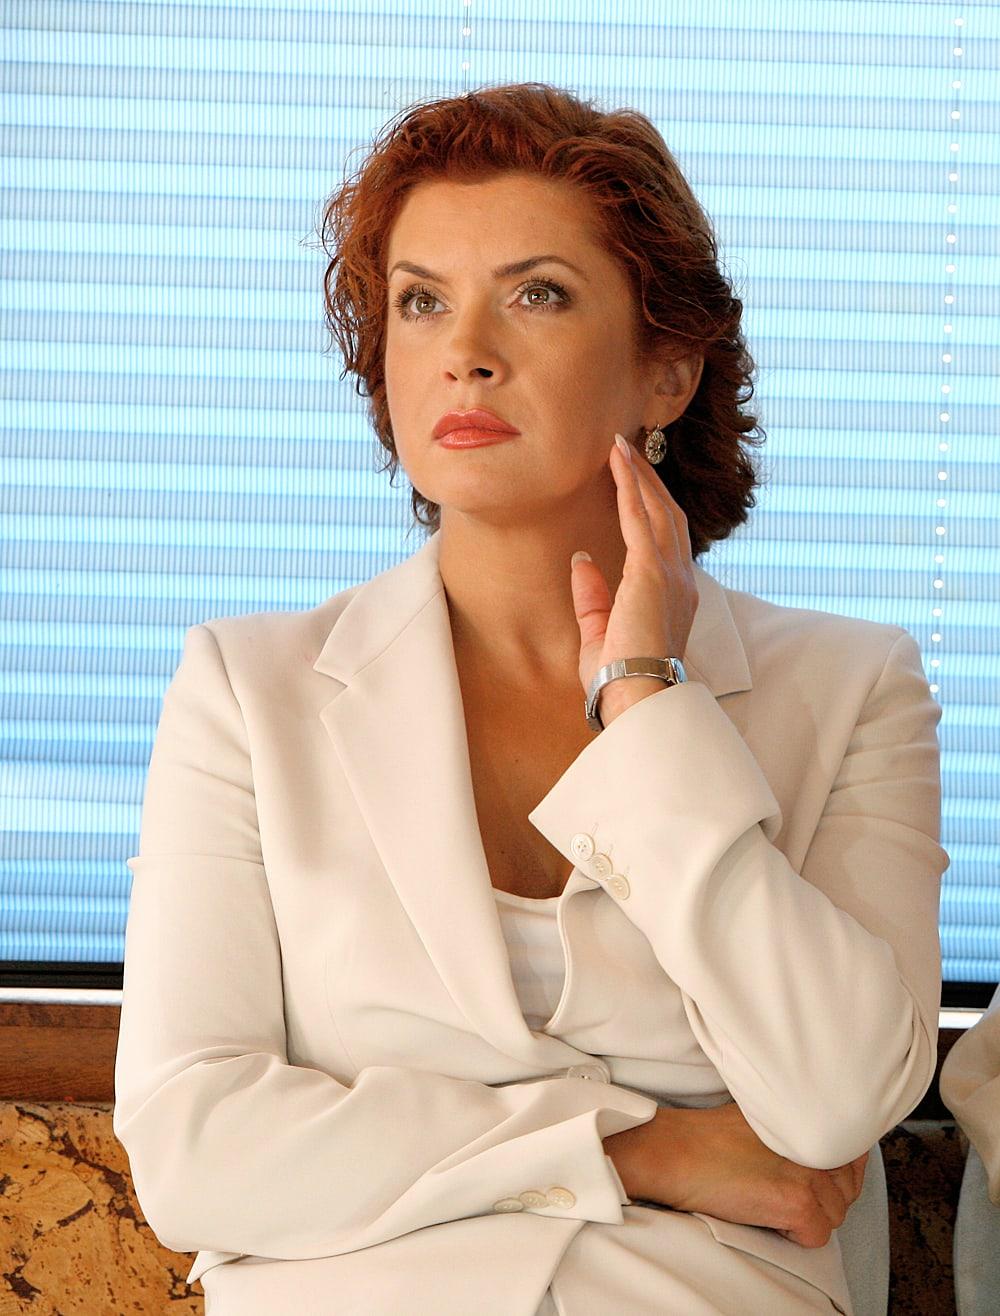 Вера сотникова без макияжа фото